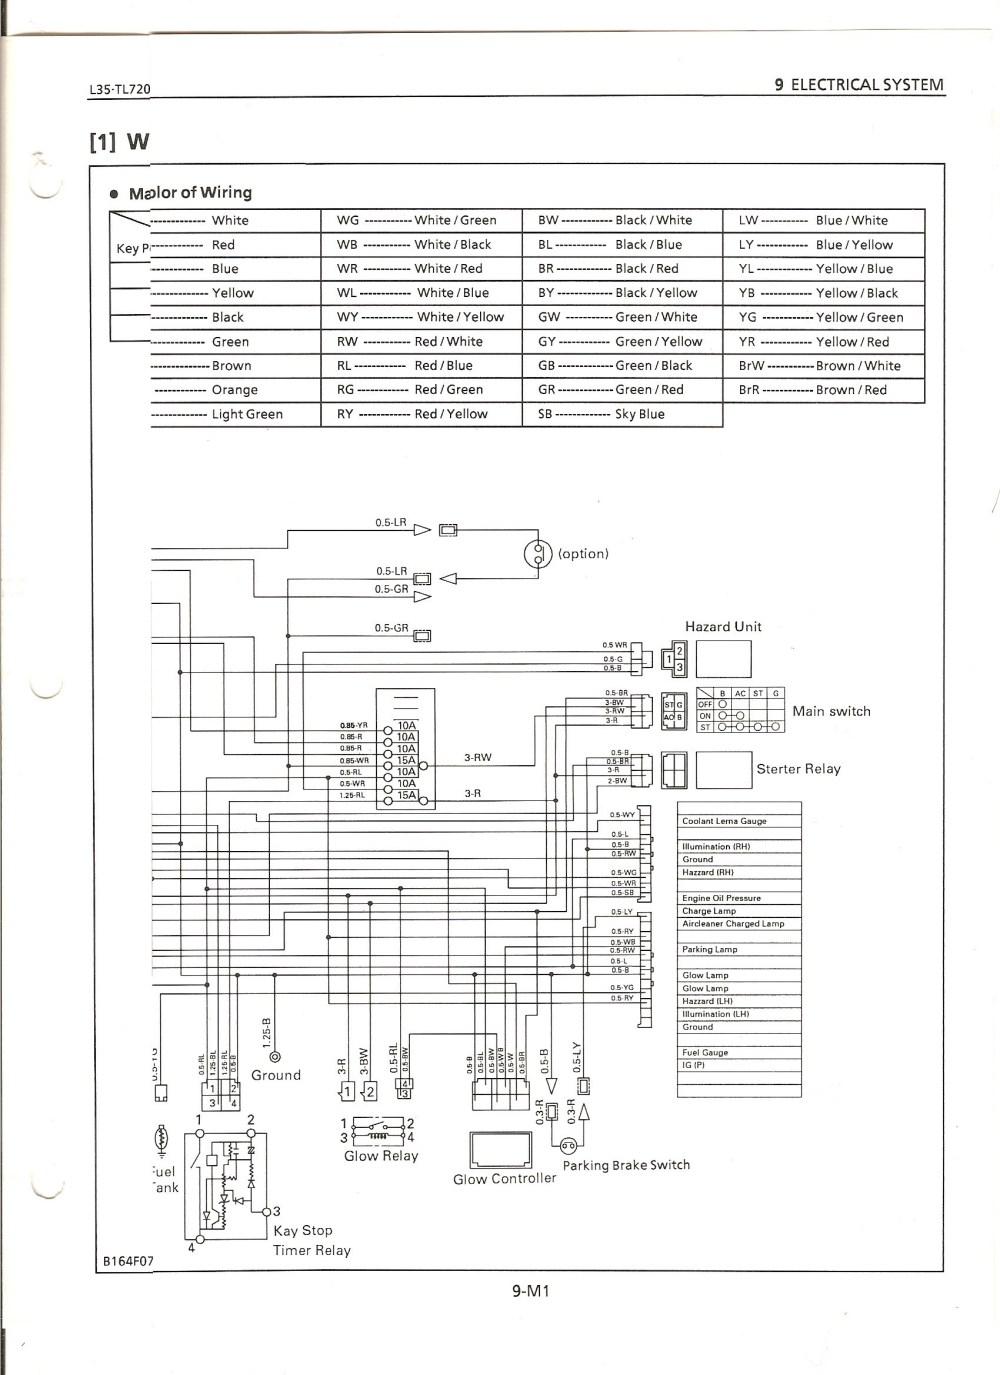 medium resolution of kubota wiring diagram pdf kubota ignition switch wiring diagram inspirationa kubota generator wiring diagram valid